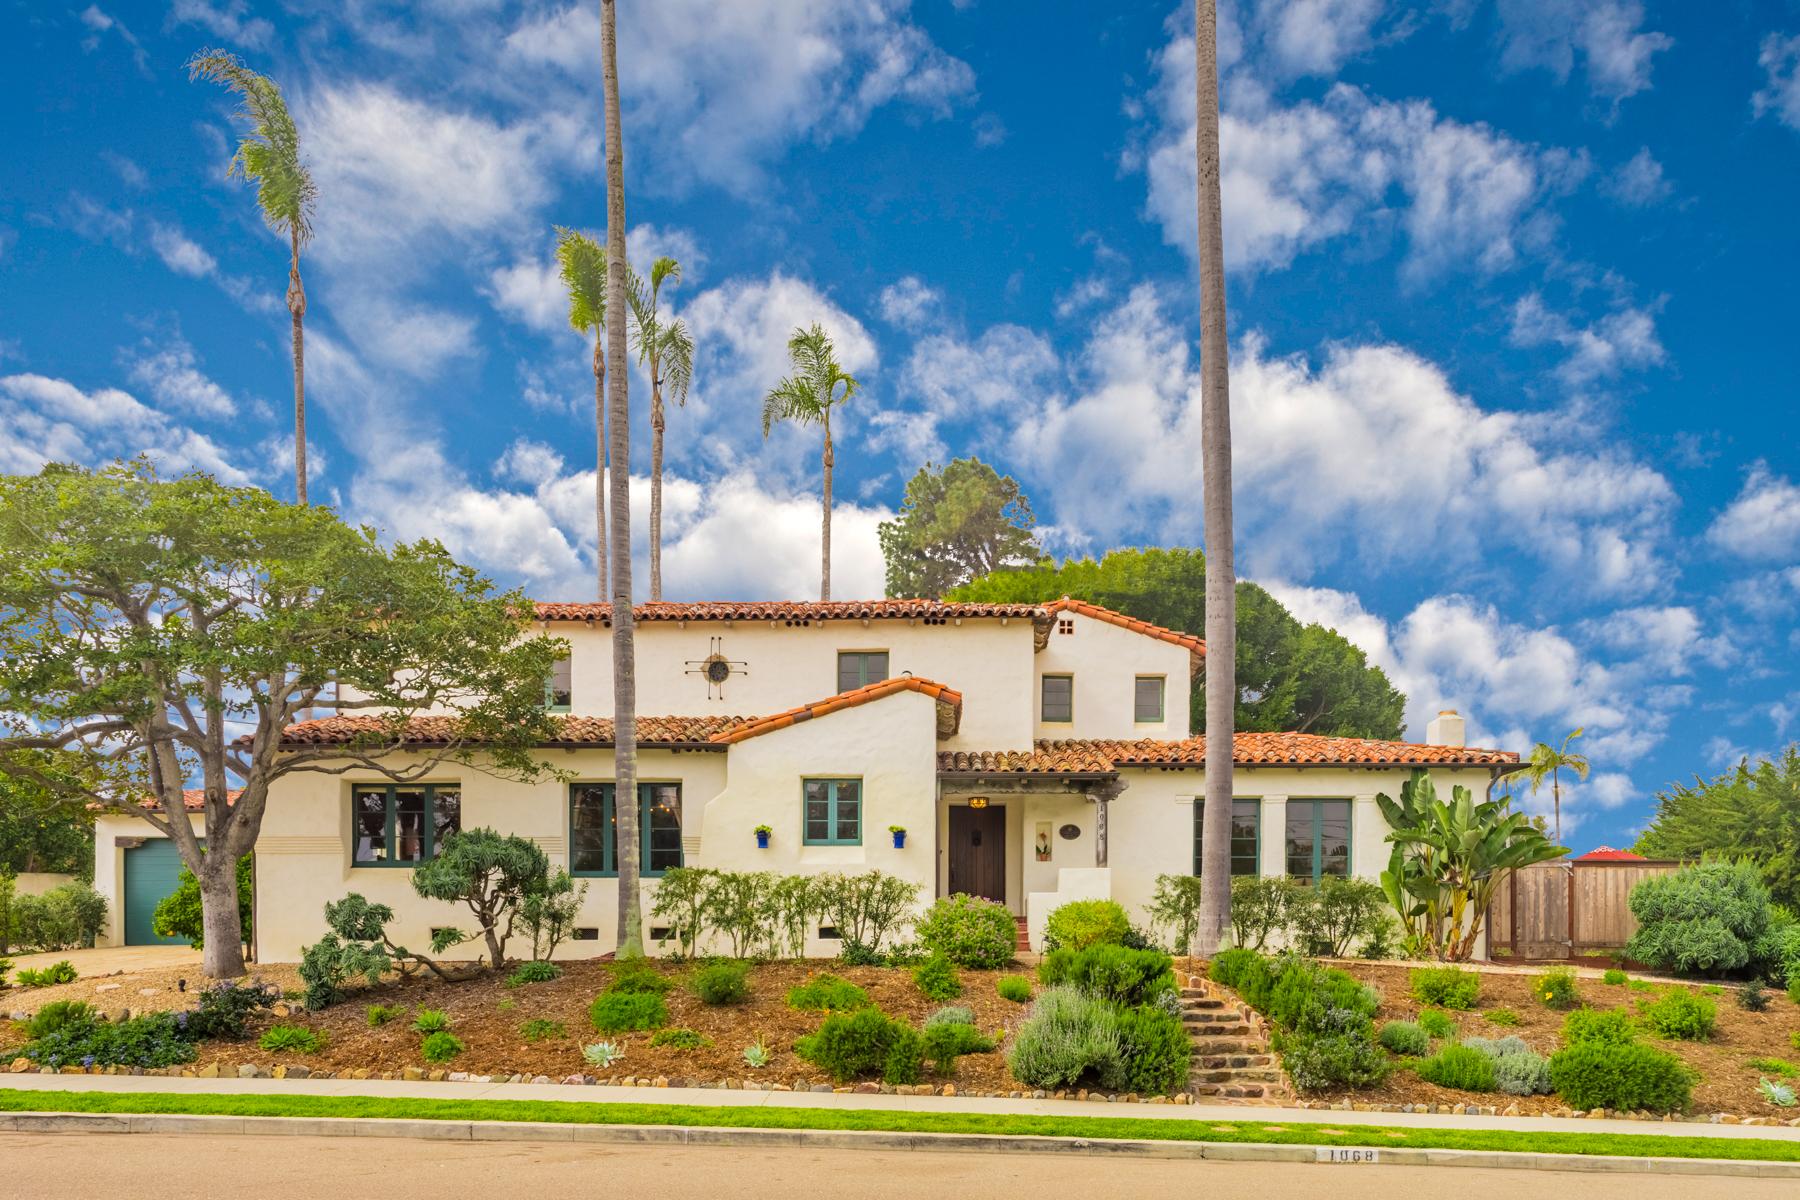 Casa Unifamiliar por un Venta en 1068 Santa Barbara Street Sunset Cliffs, San Diego, California, 92107 Estados Unidos